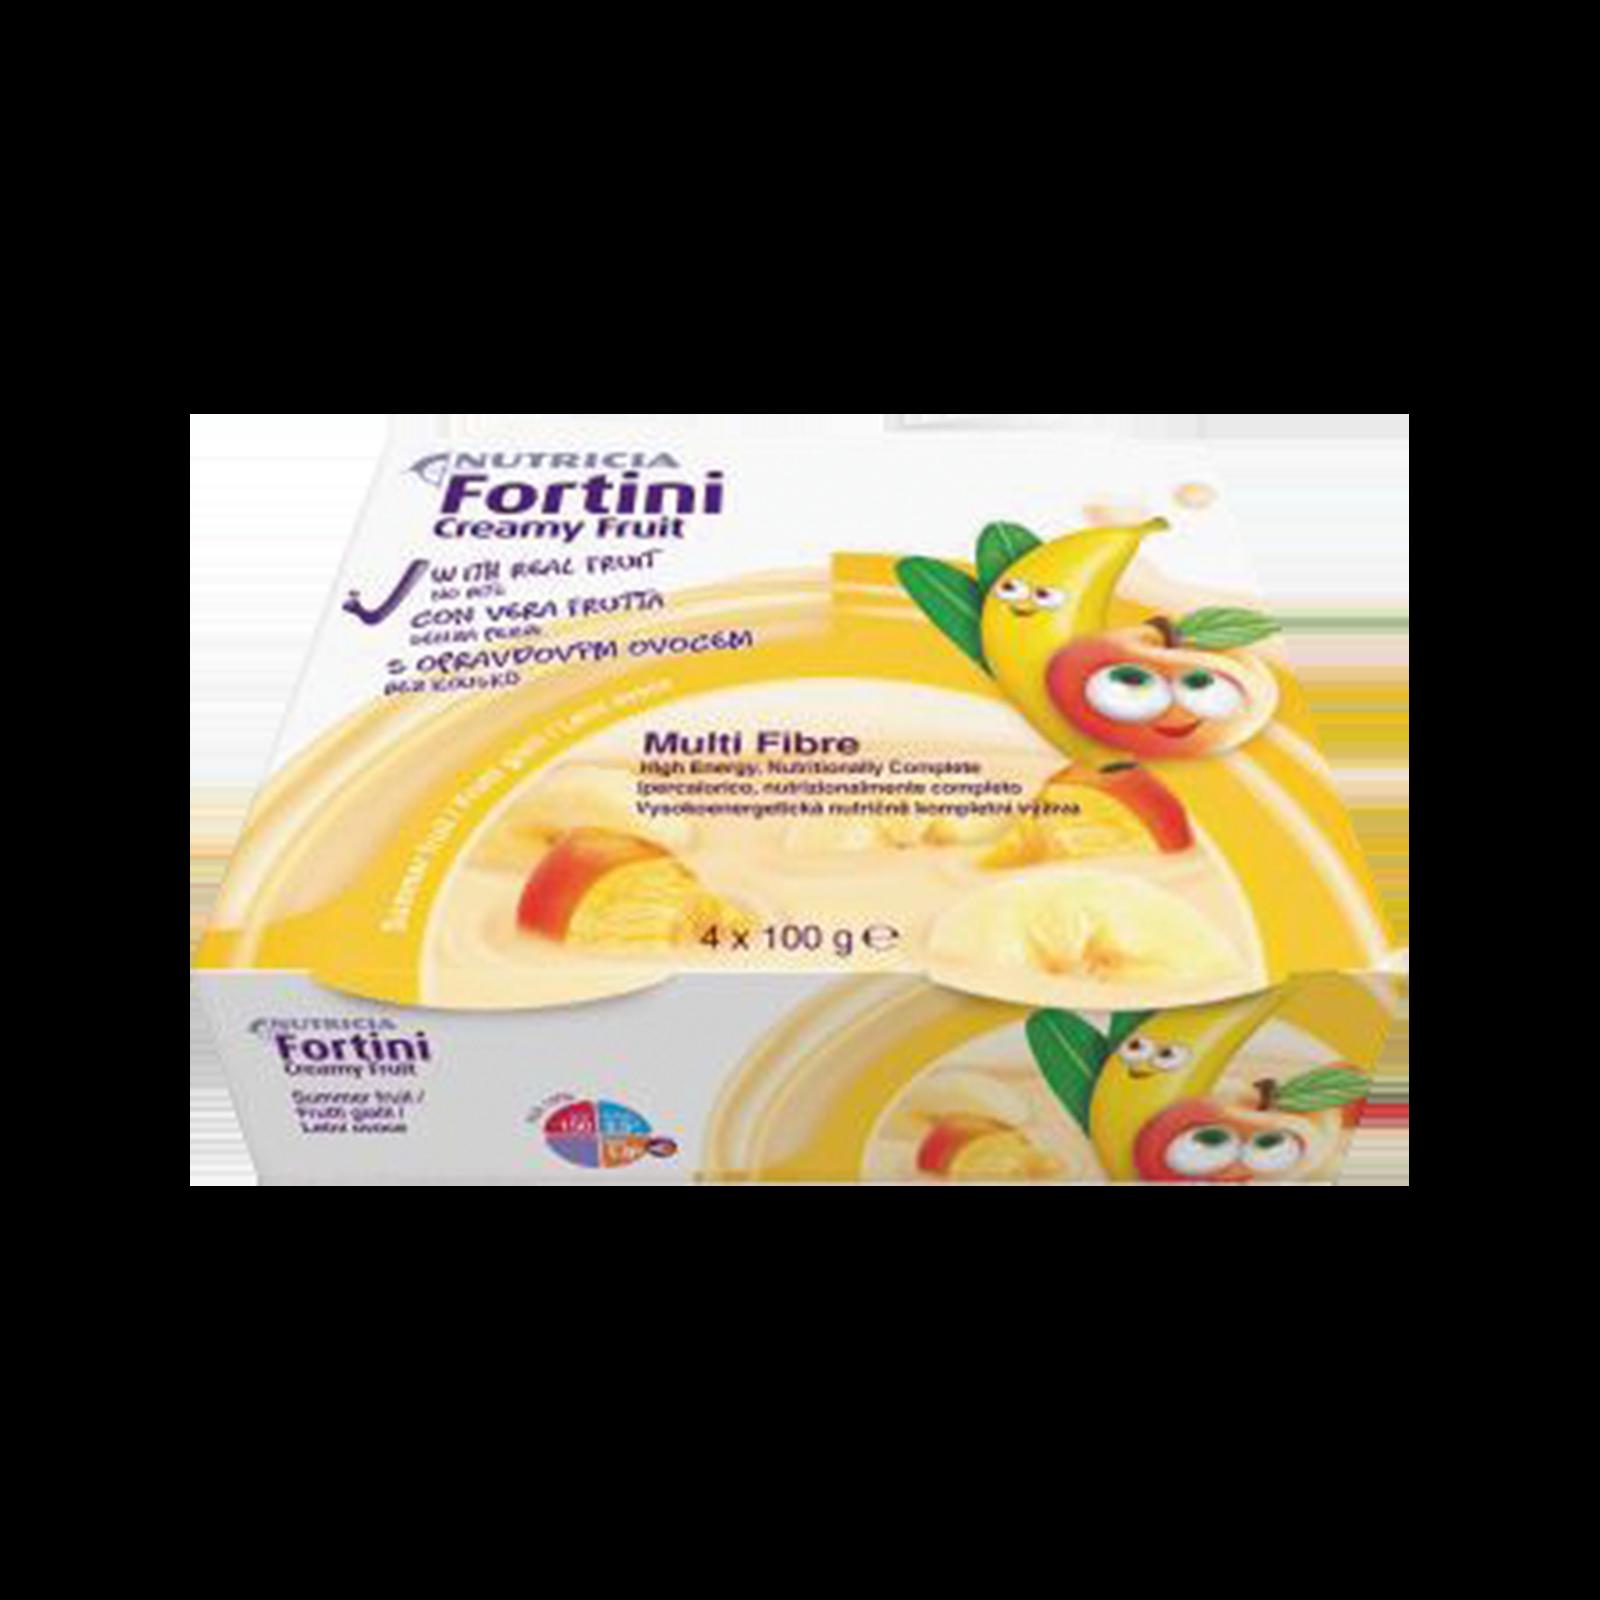 Fortini creamy multifibre frutti gialli 48x Confezione 200 ml | Nutricia